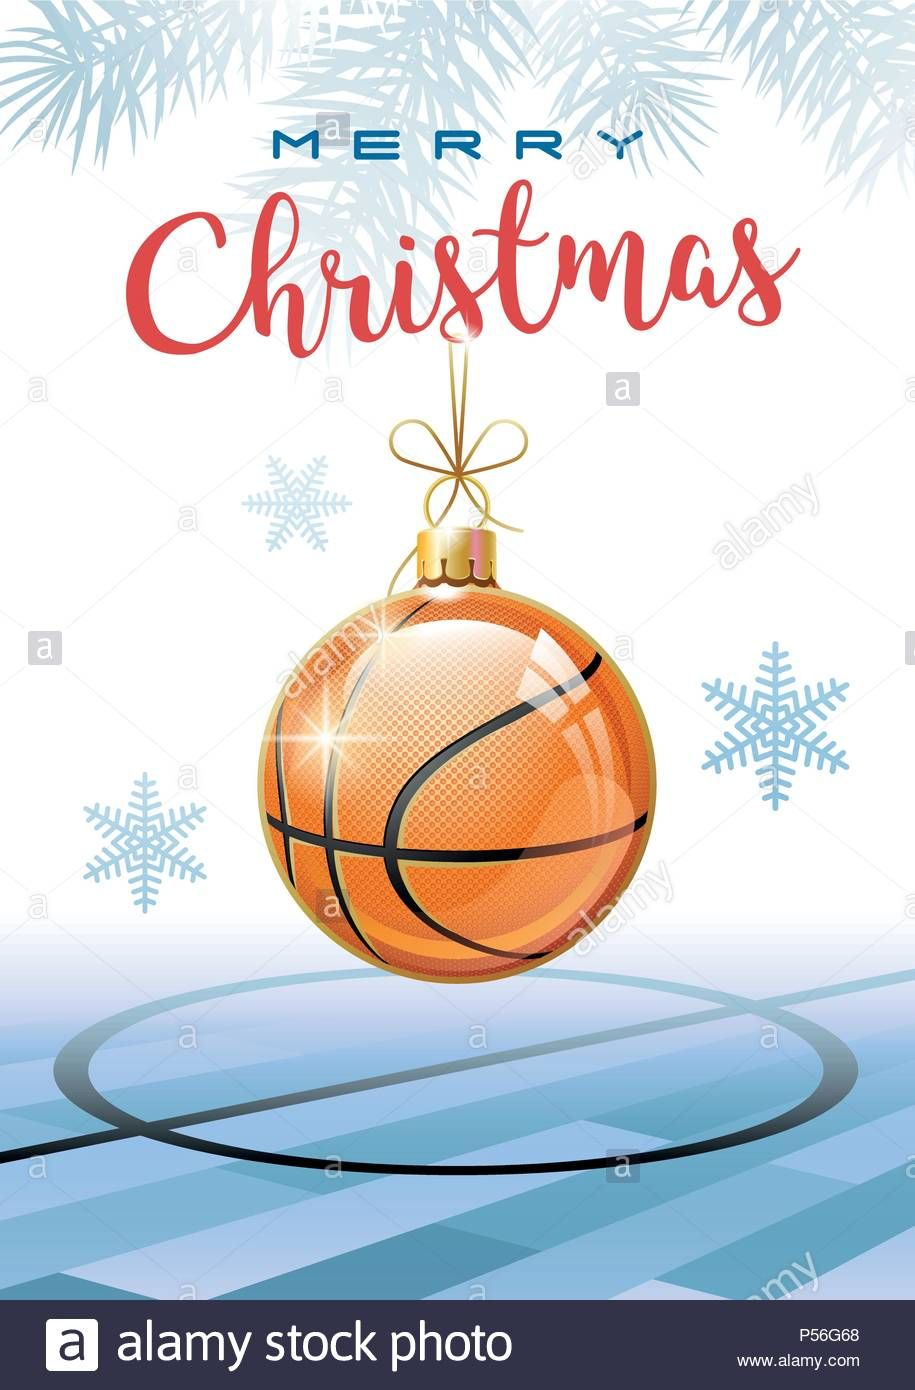 Auguri Di Natale Per Sportivi.Esegui Il Download Di Questo Vettoriale Stock Auguri Di Buon Natale Sport Biglietto Di Auguri Realistico Basket Ball Buon Natale Natale Biglietto Di Auguri